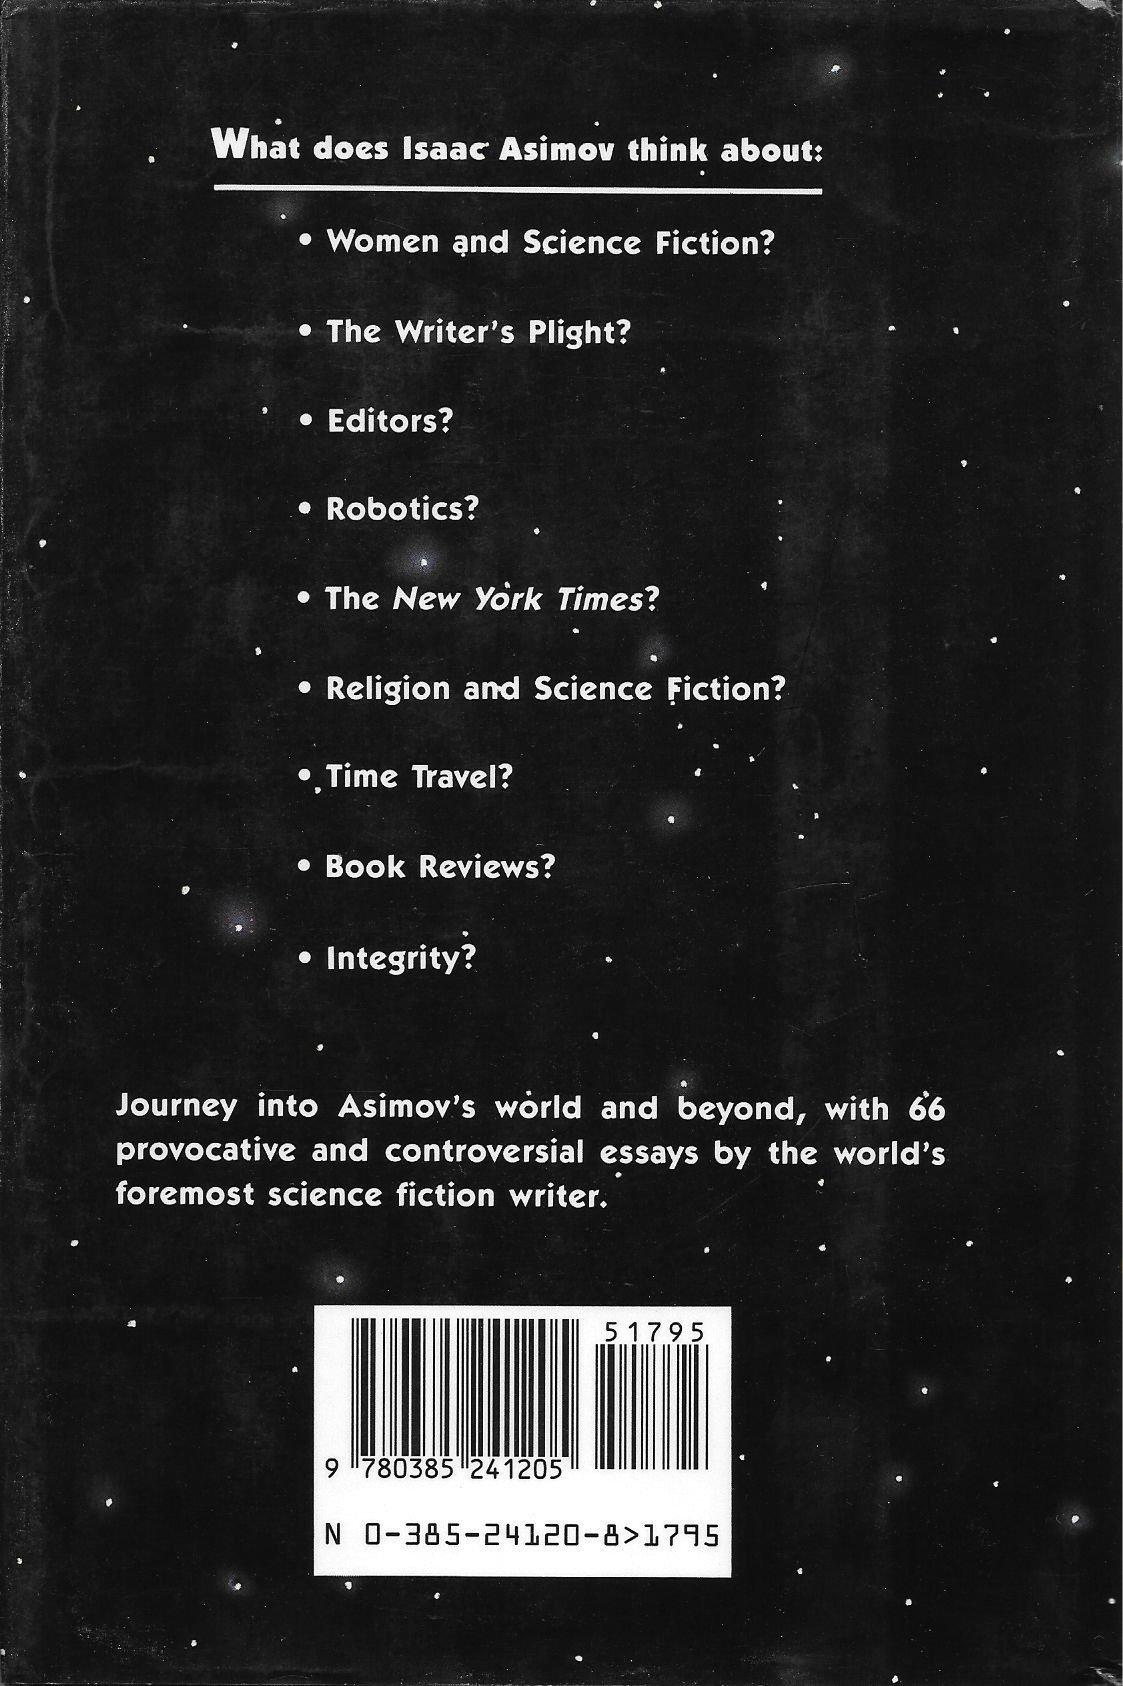 014 Isaac Asimov Essays 71gbytofqyl Essay Awful On Creativity Intelligence Full